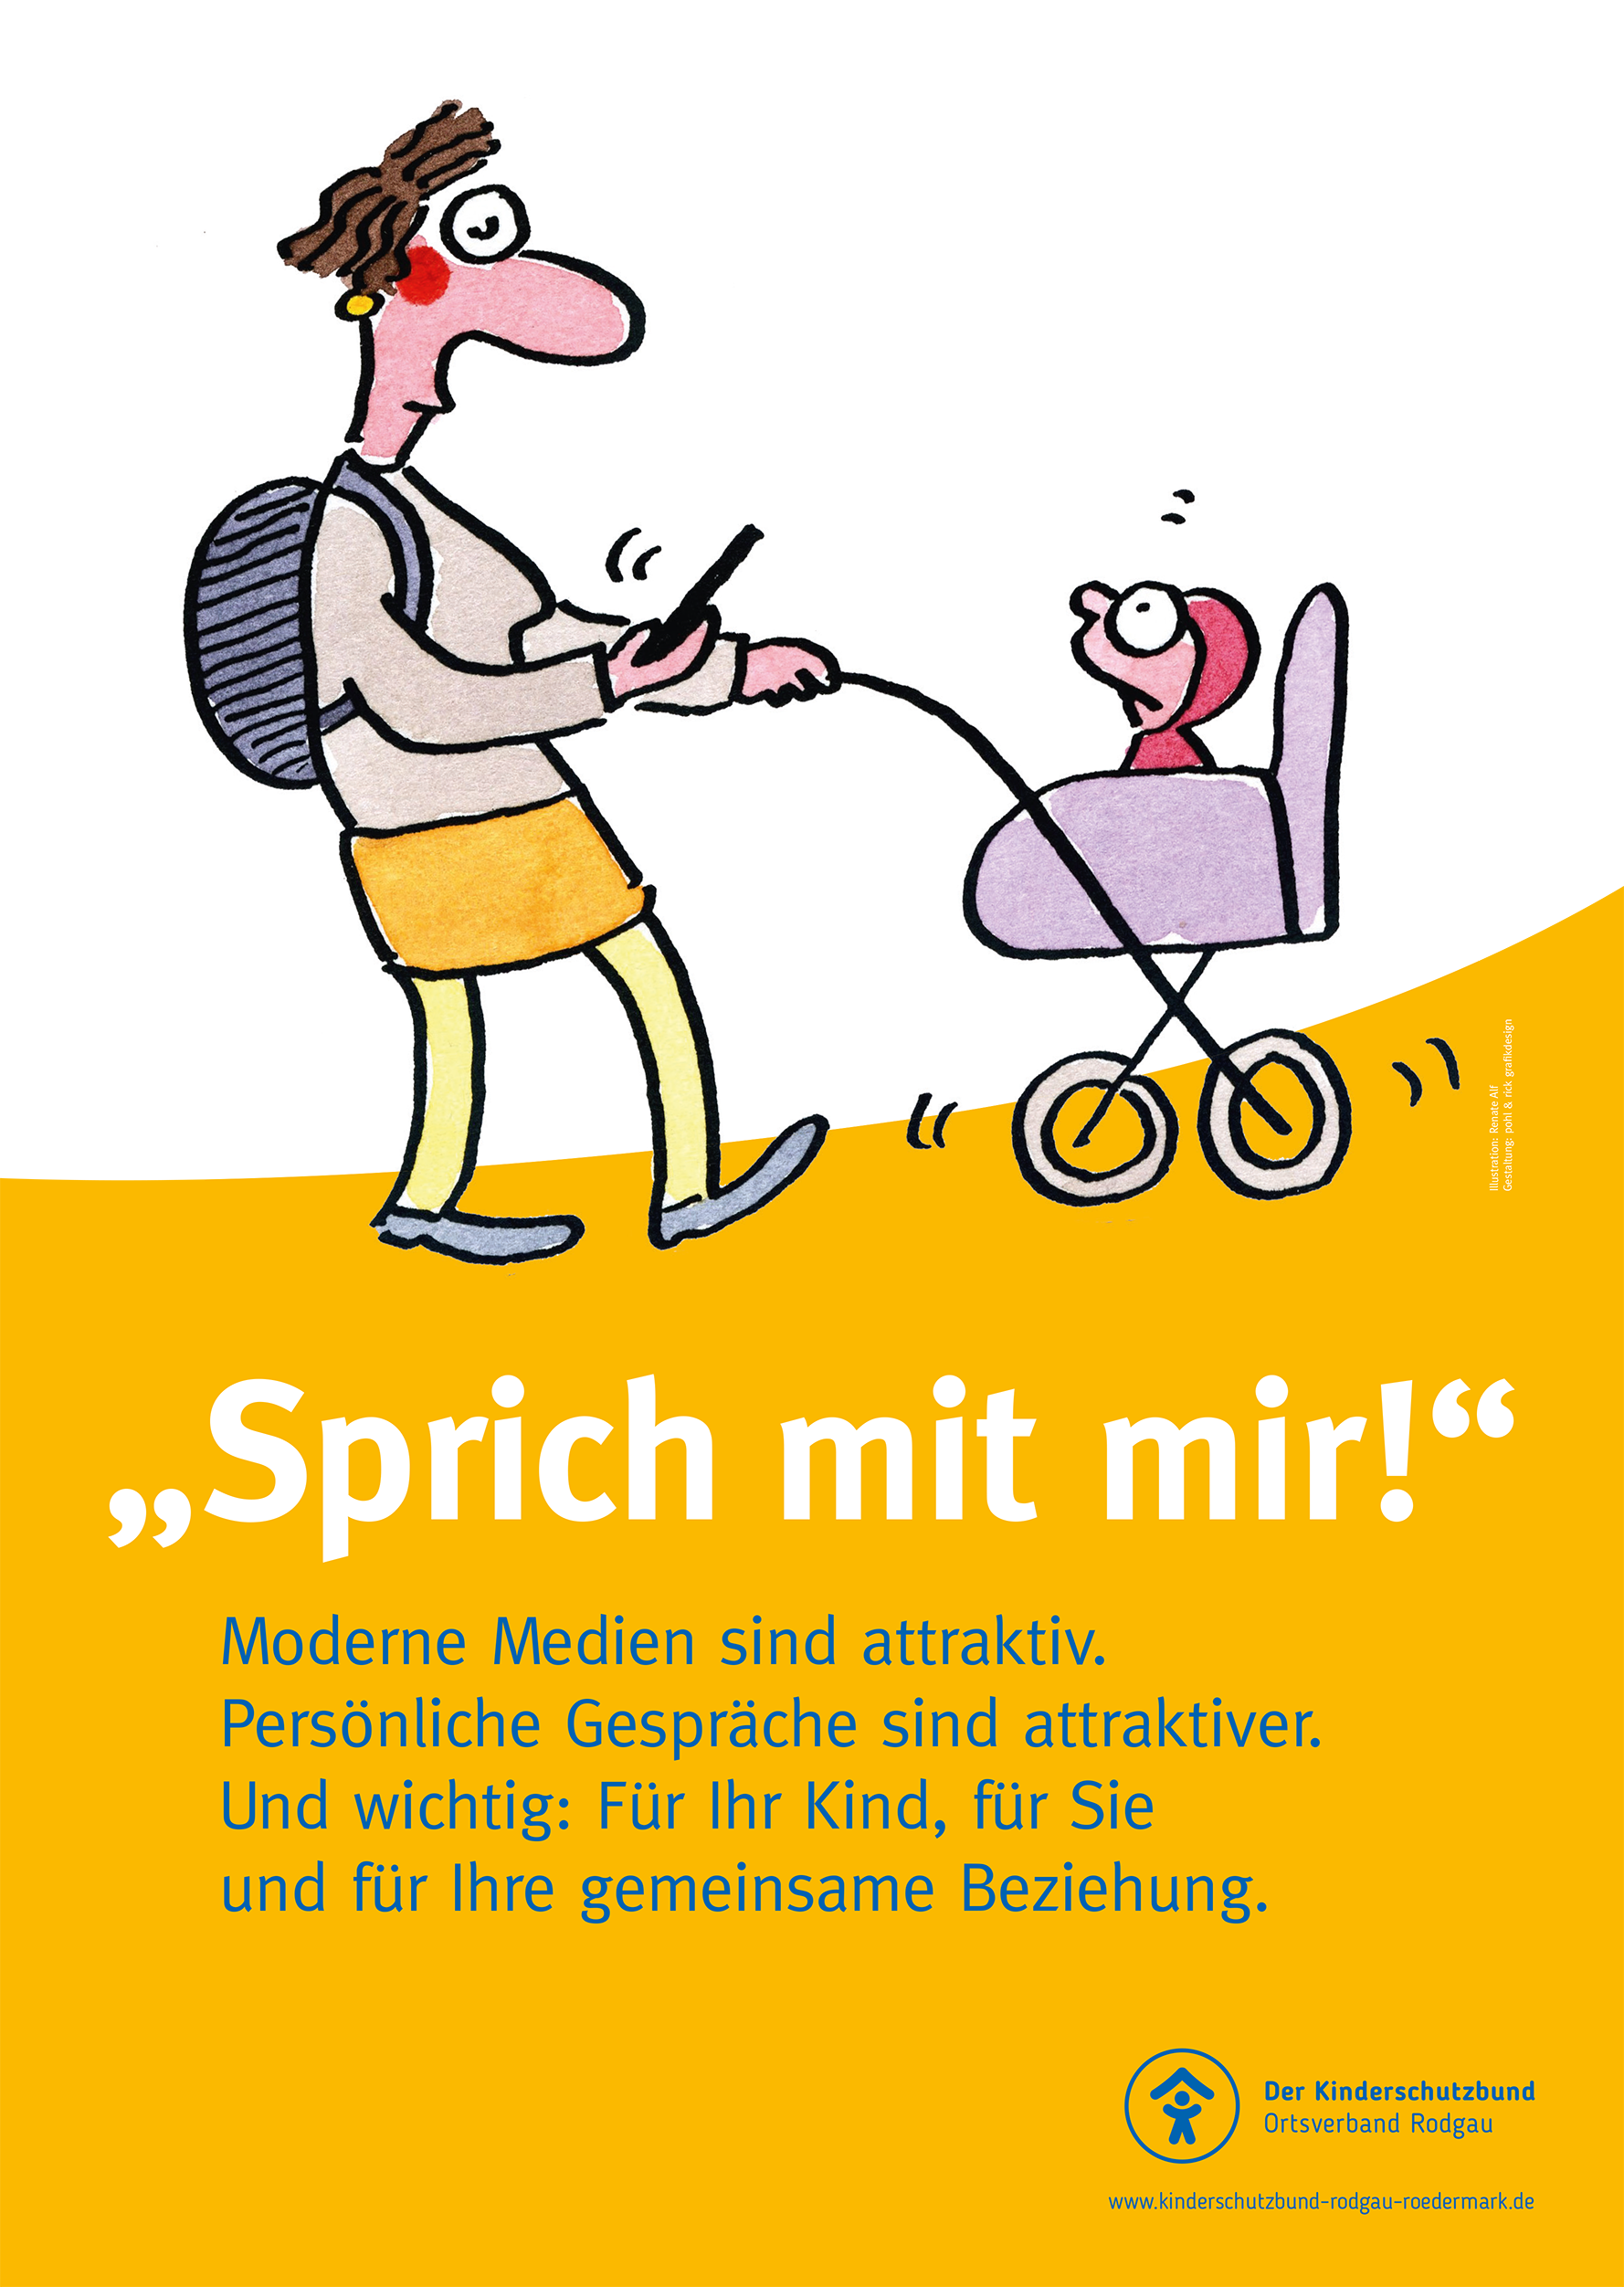 Plakat Kinderschutzbund Rodgau, Aktion Sprich mit mir